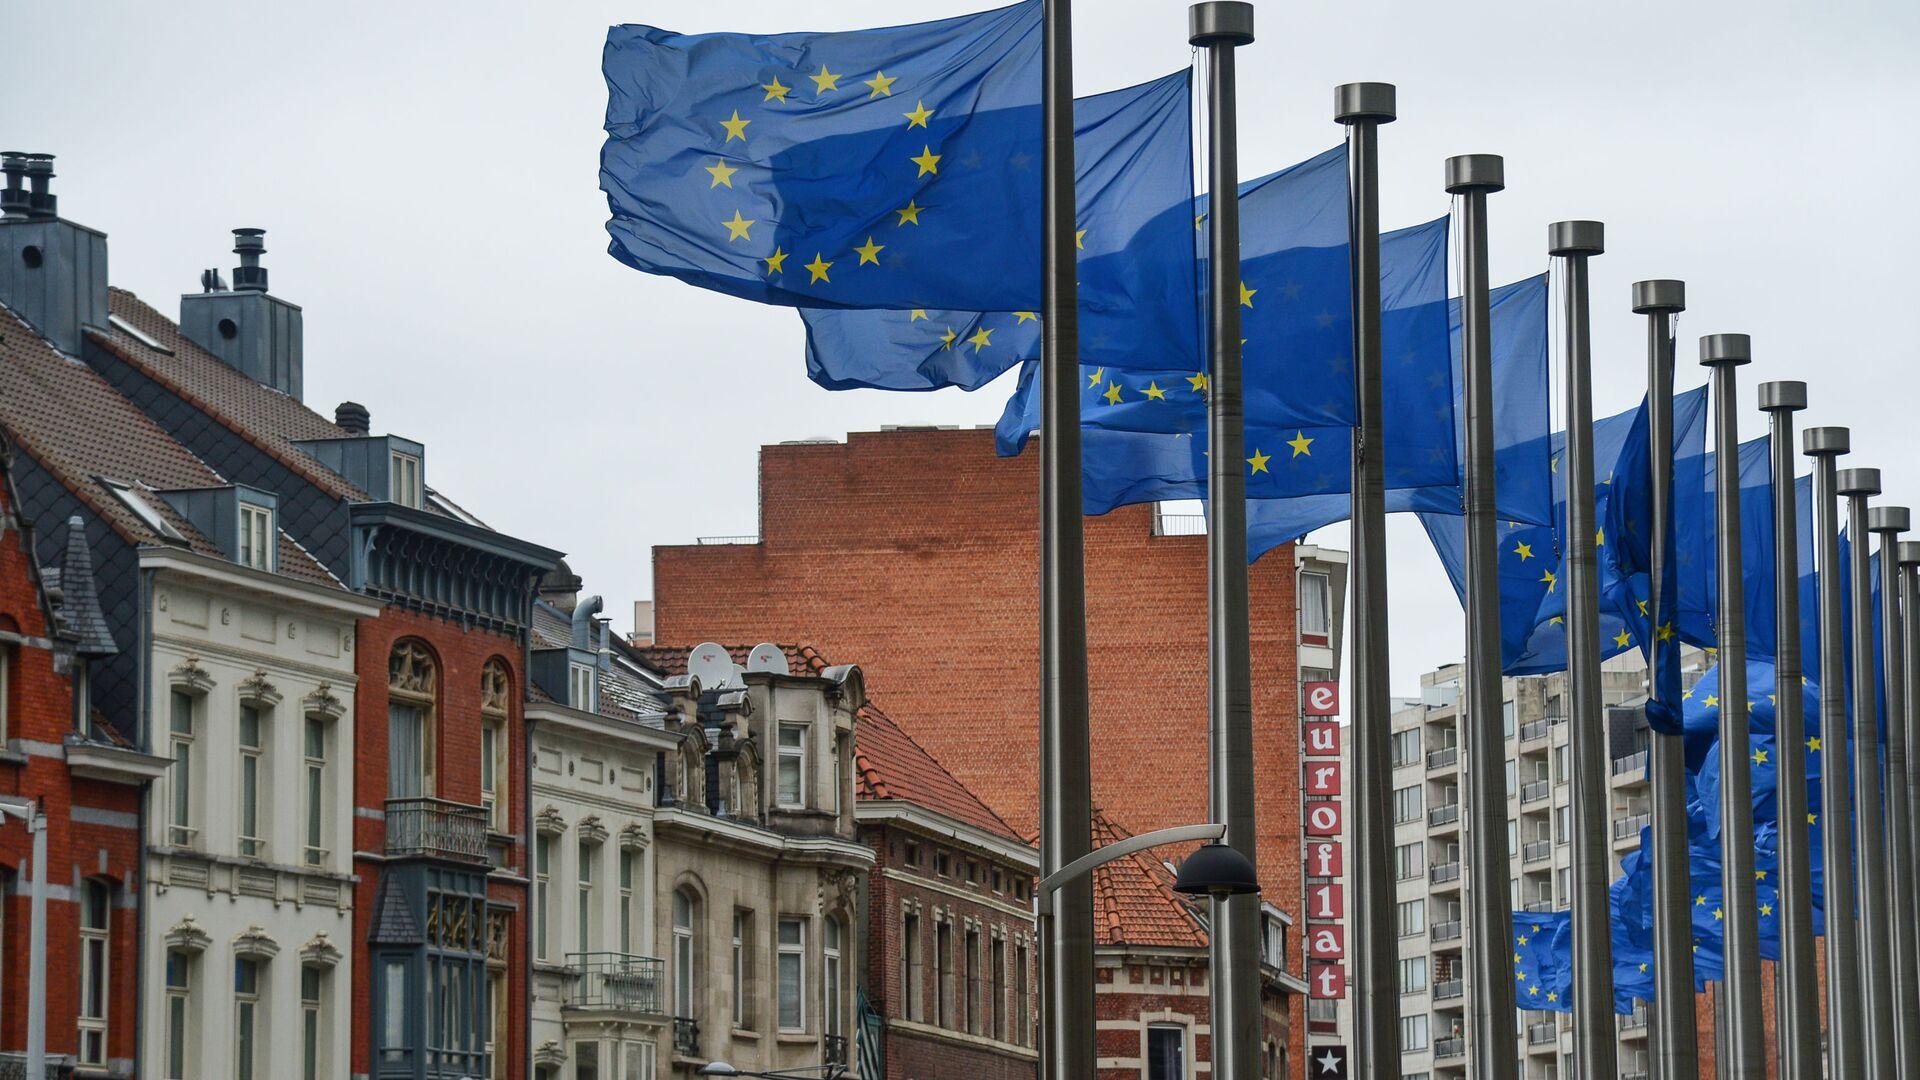 Drapeaux européens devant le siège de la Commission européenne à Bruxelles  - Sputnik France, 1920, 20.08.2021